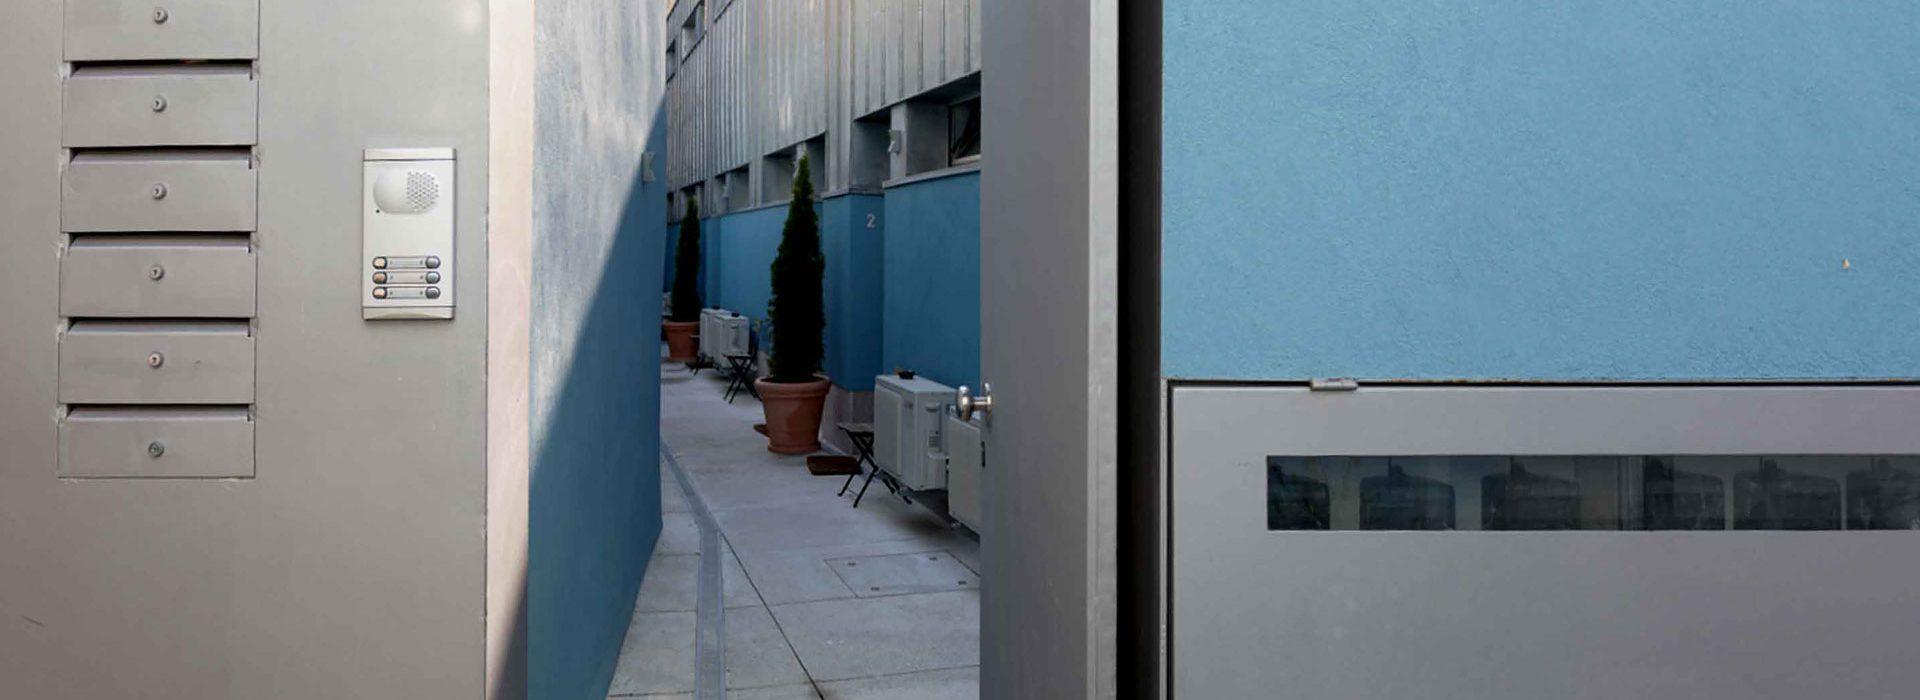 Entrada no corredor de acesso aos apartamentos